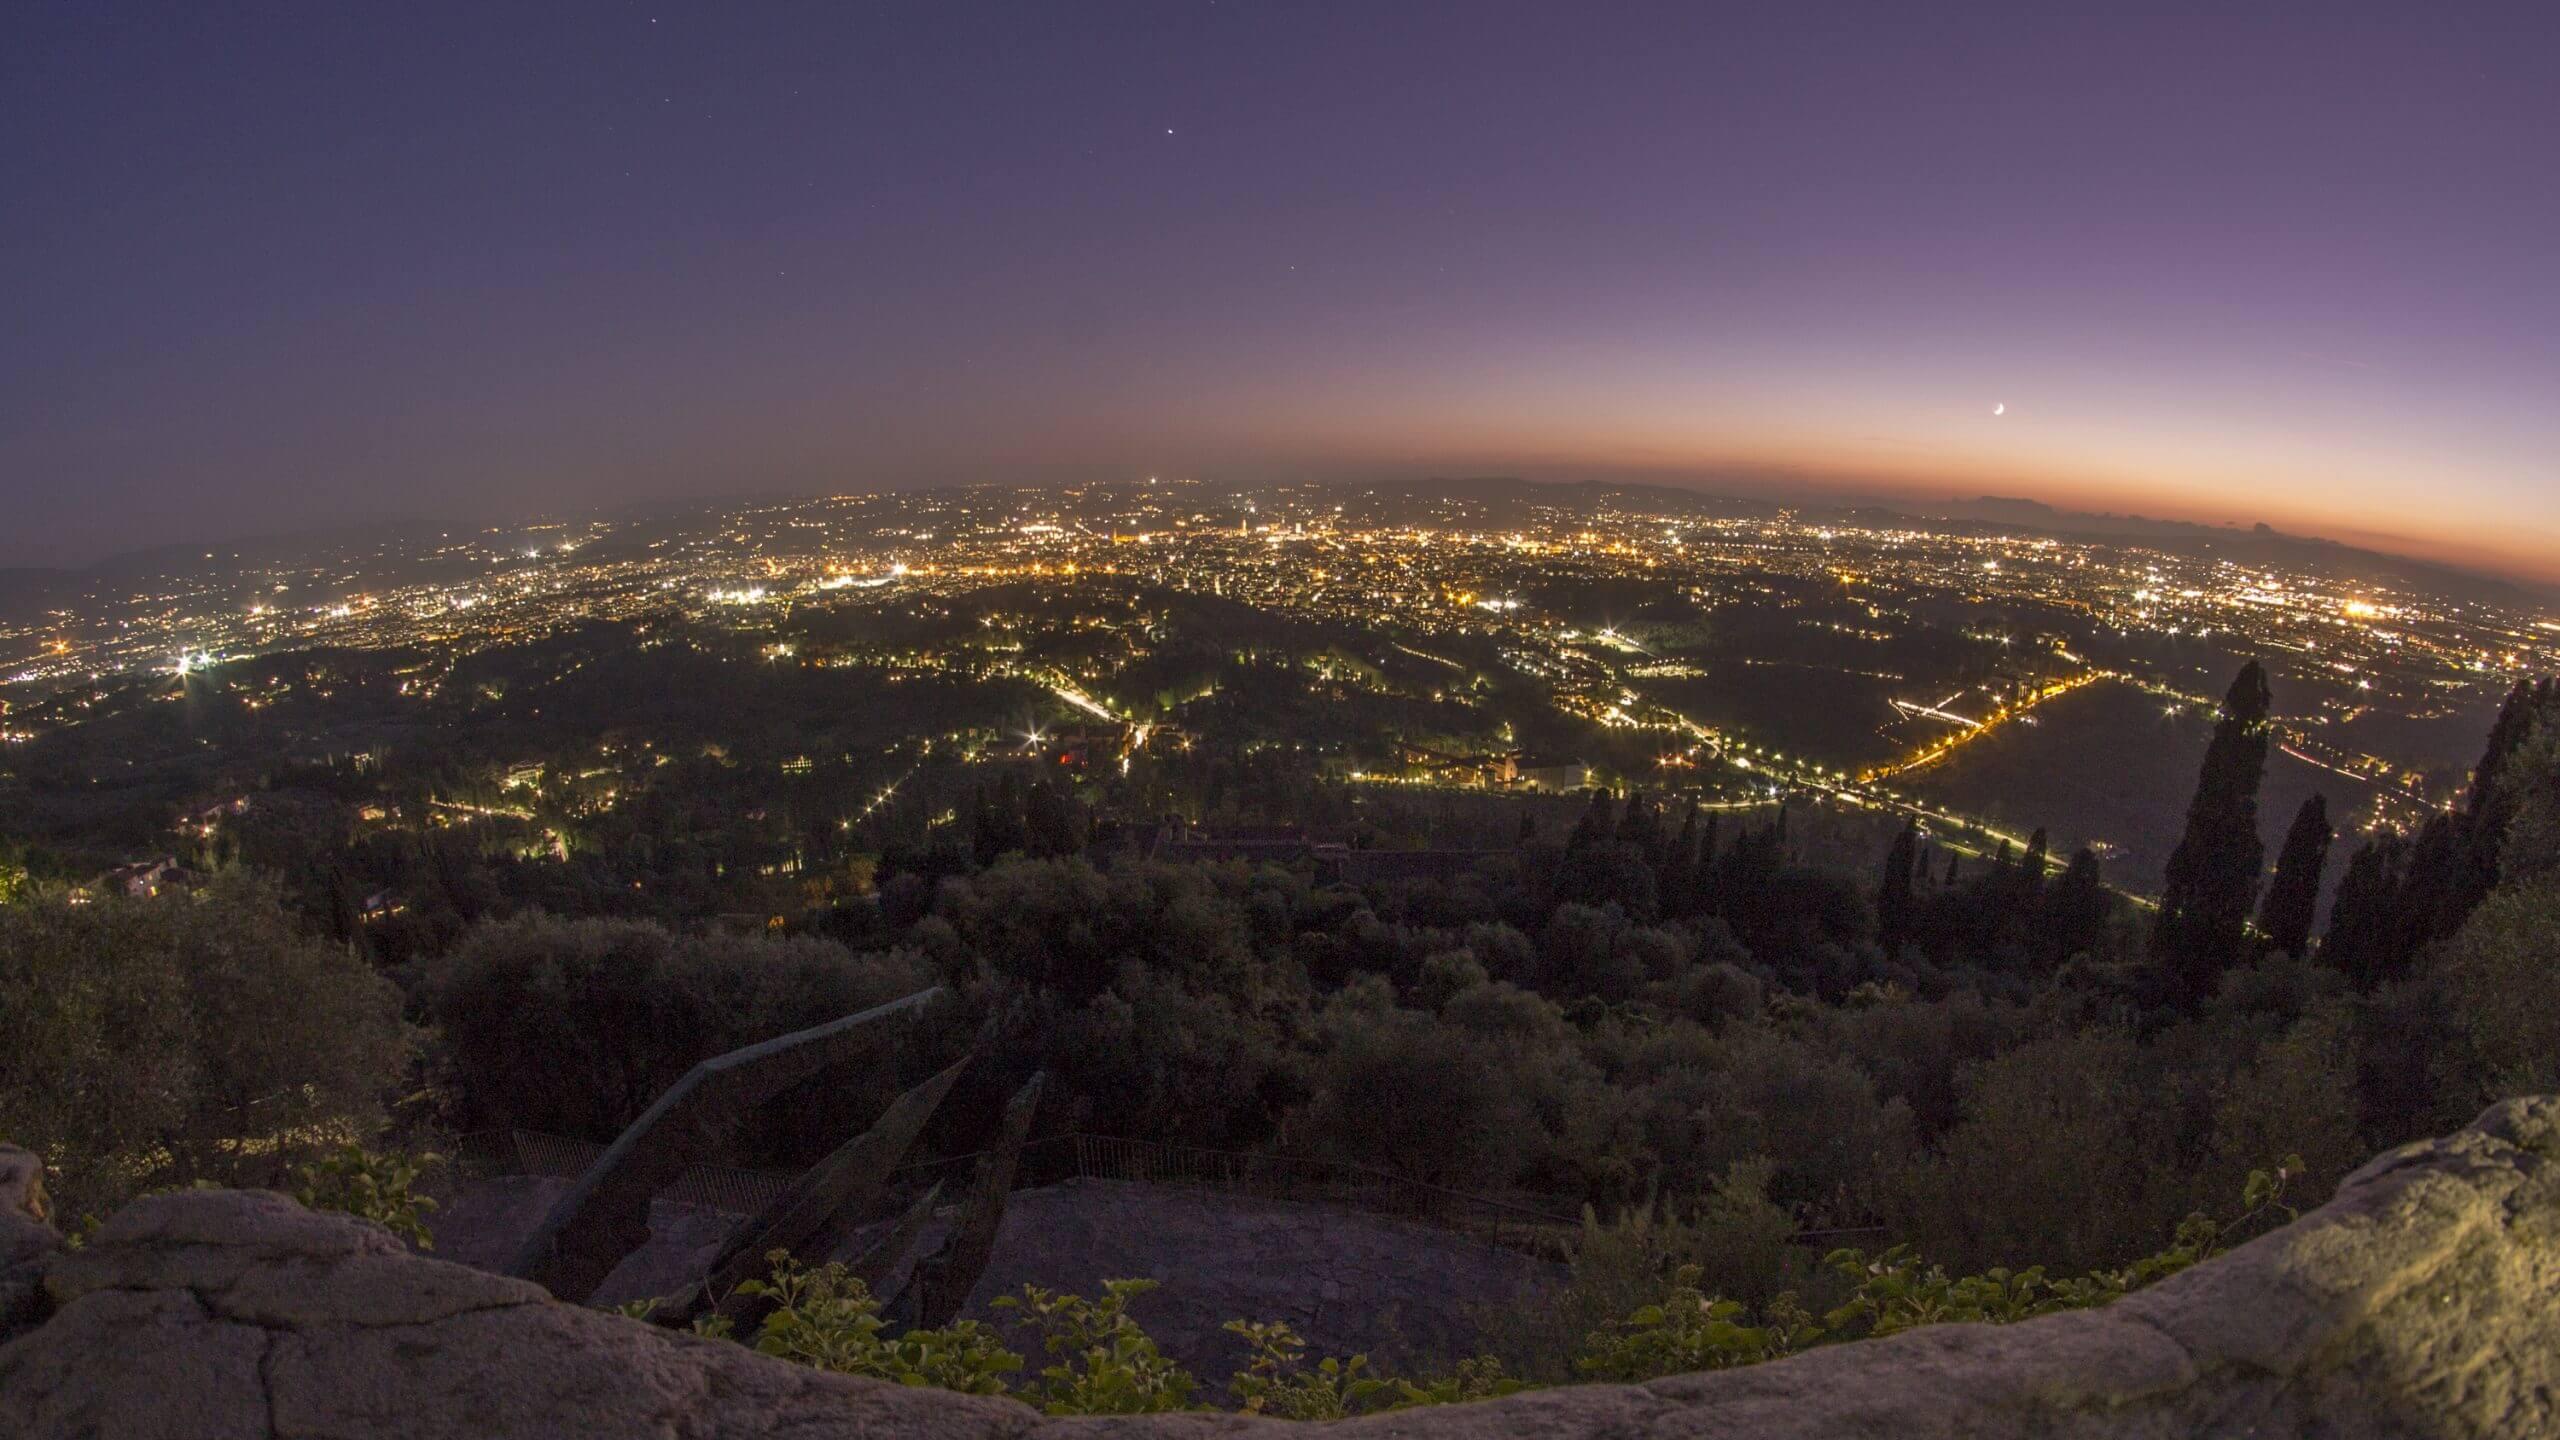 Aussichtspunkte in Florenz - Firesole